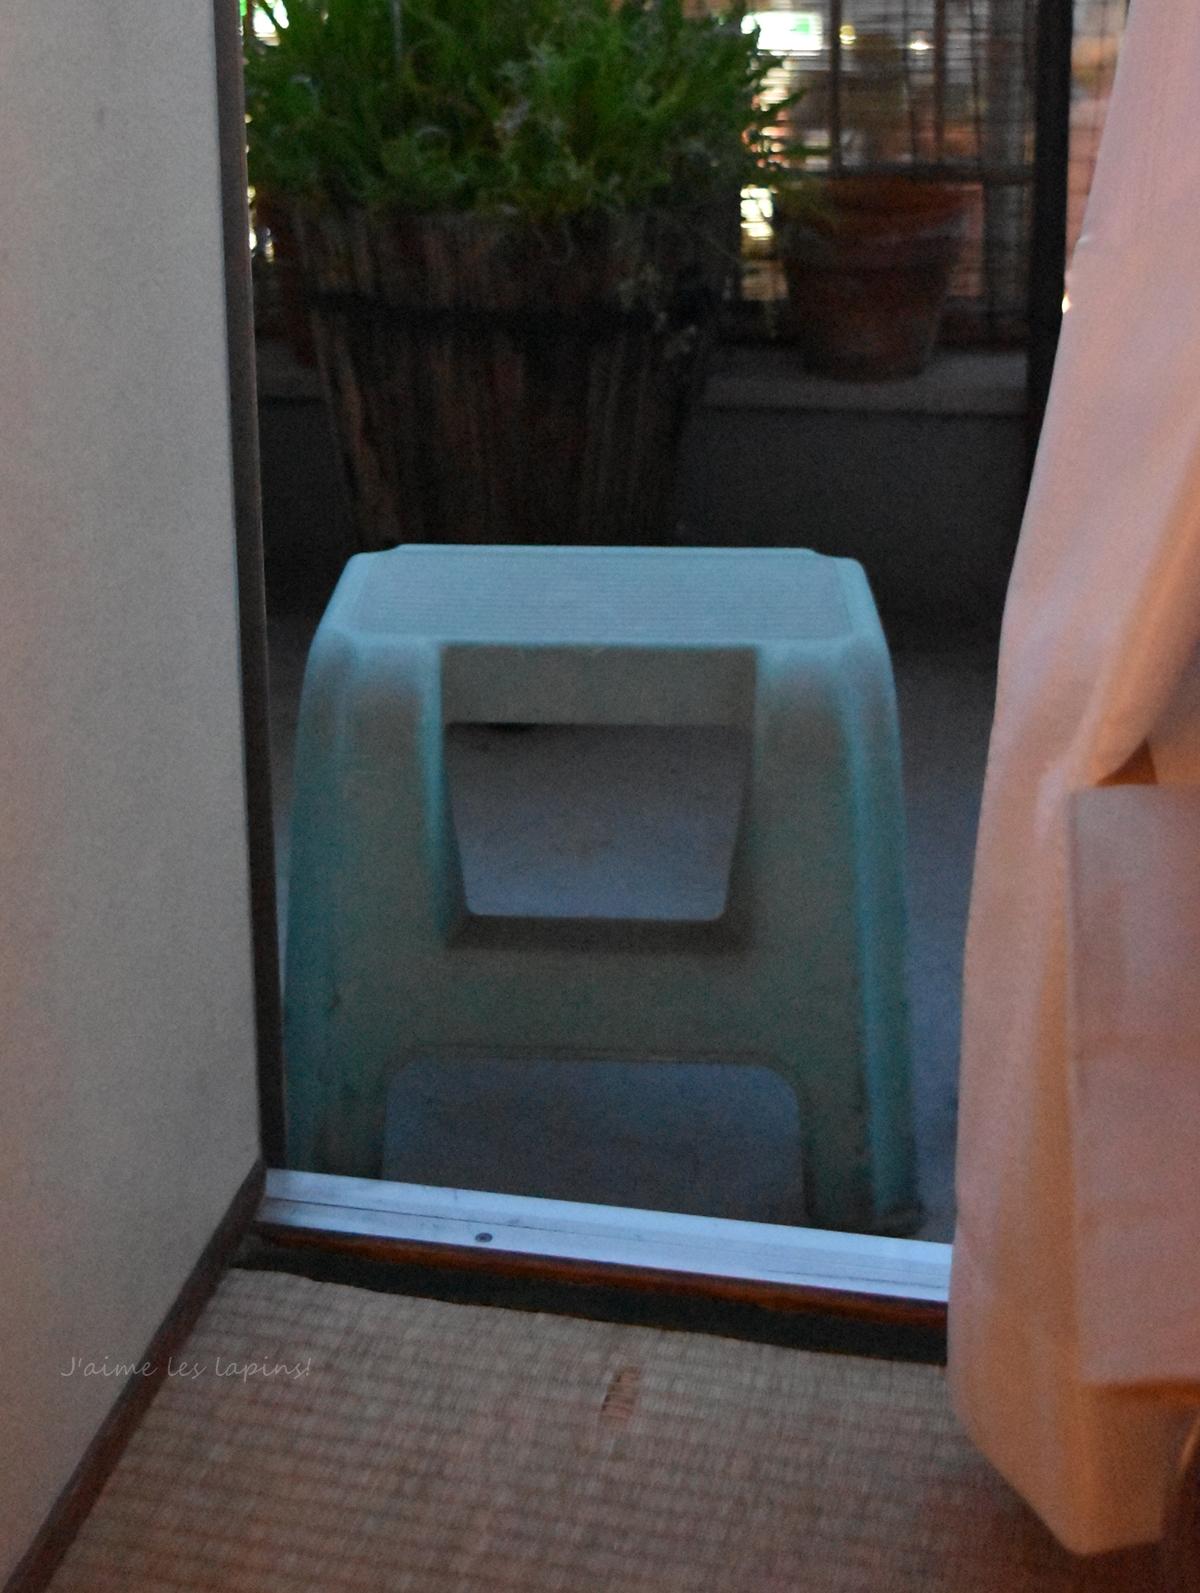 ベランダと椅子